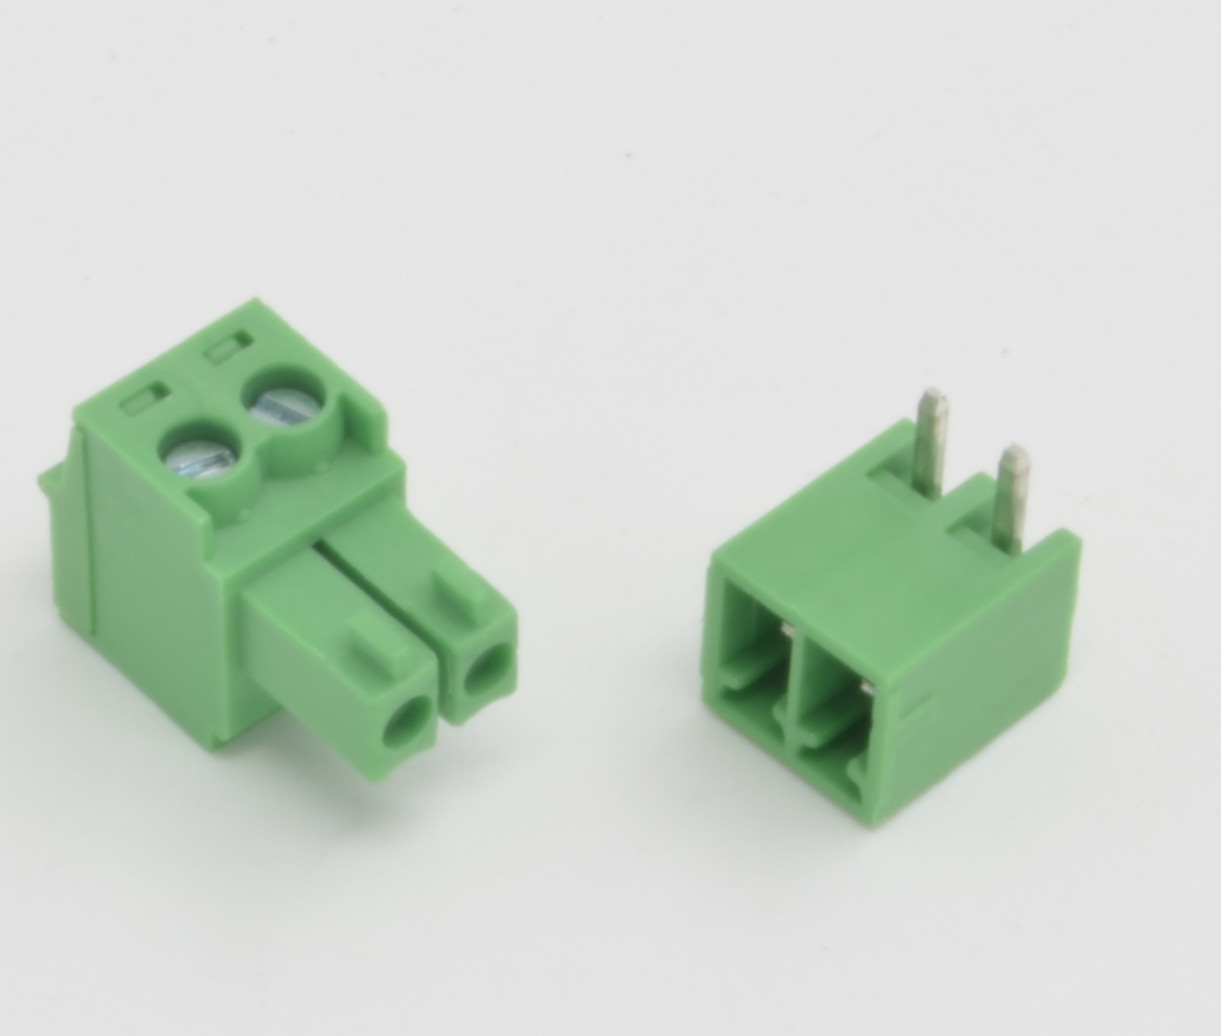 6 Pin Terminal Block Škoda 1j0973713: 50Pcs 3.5mm Pitch 2 Pin Angle Screw Pluggable Terminal